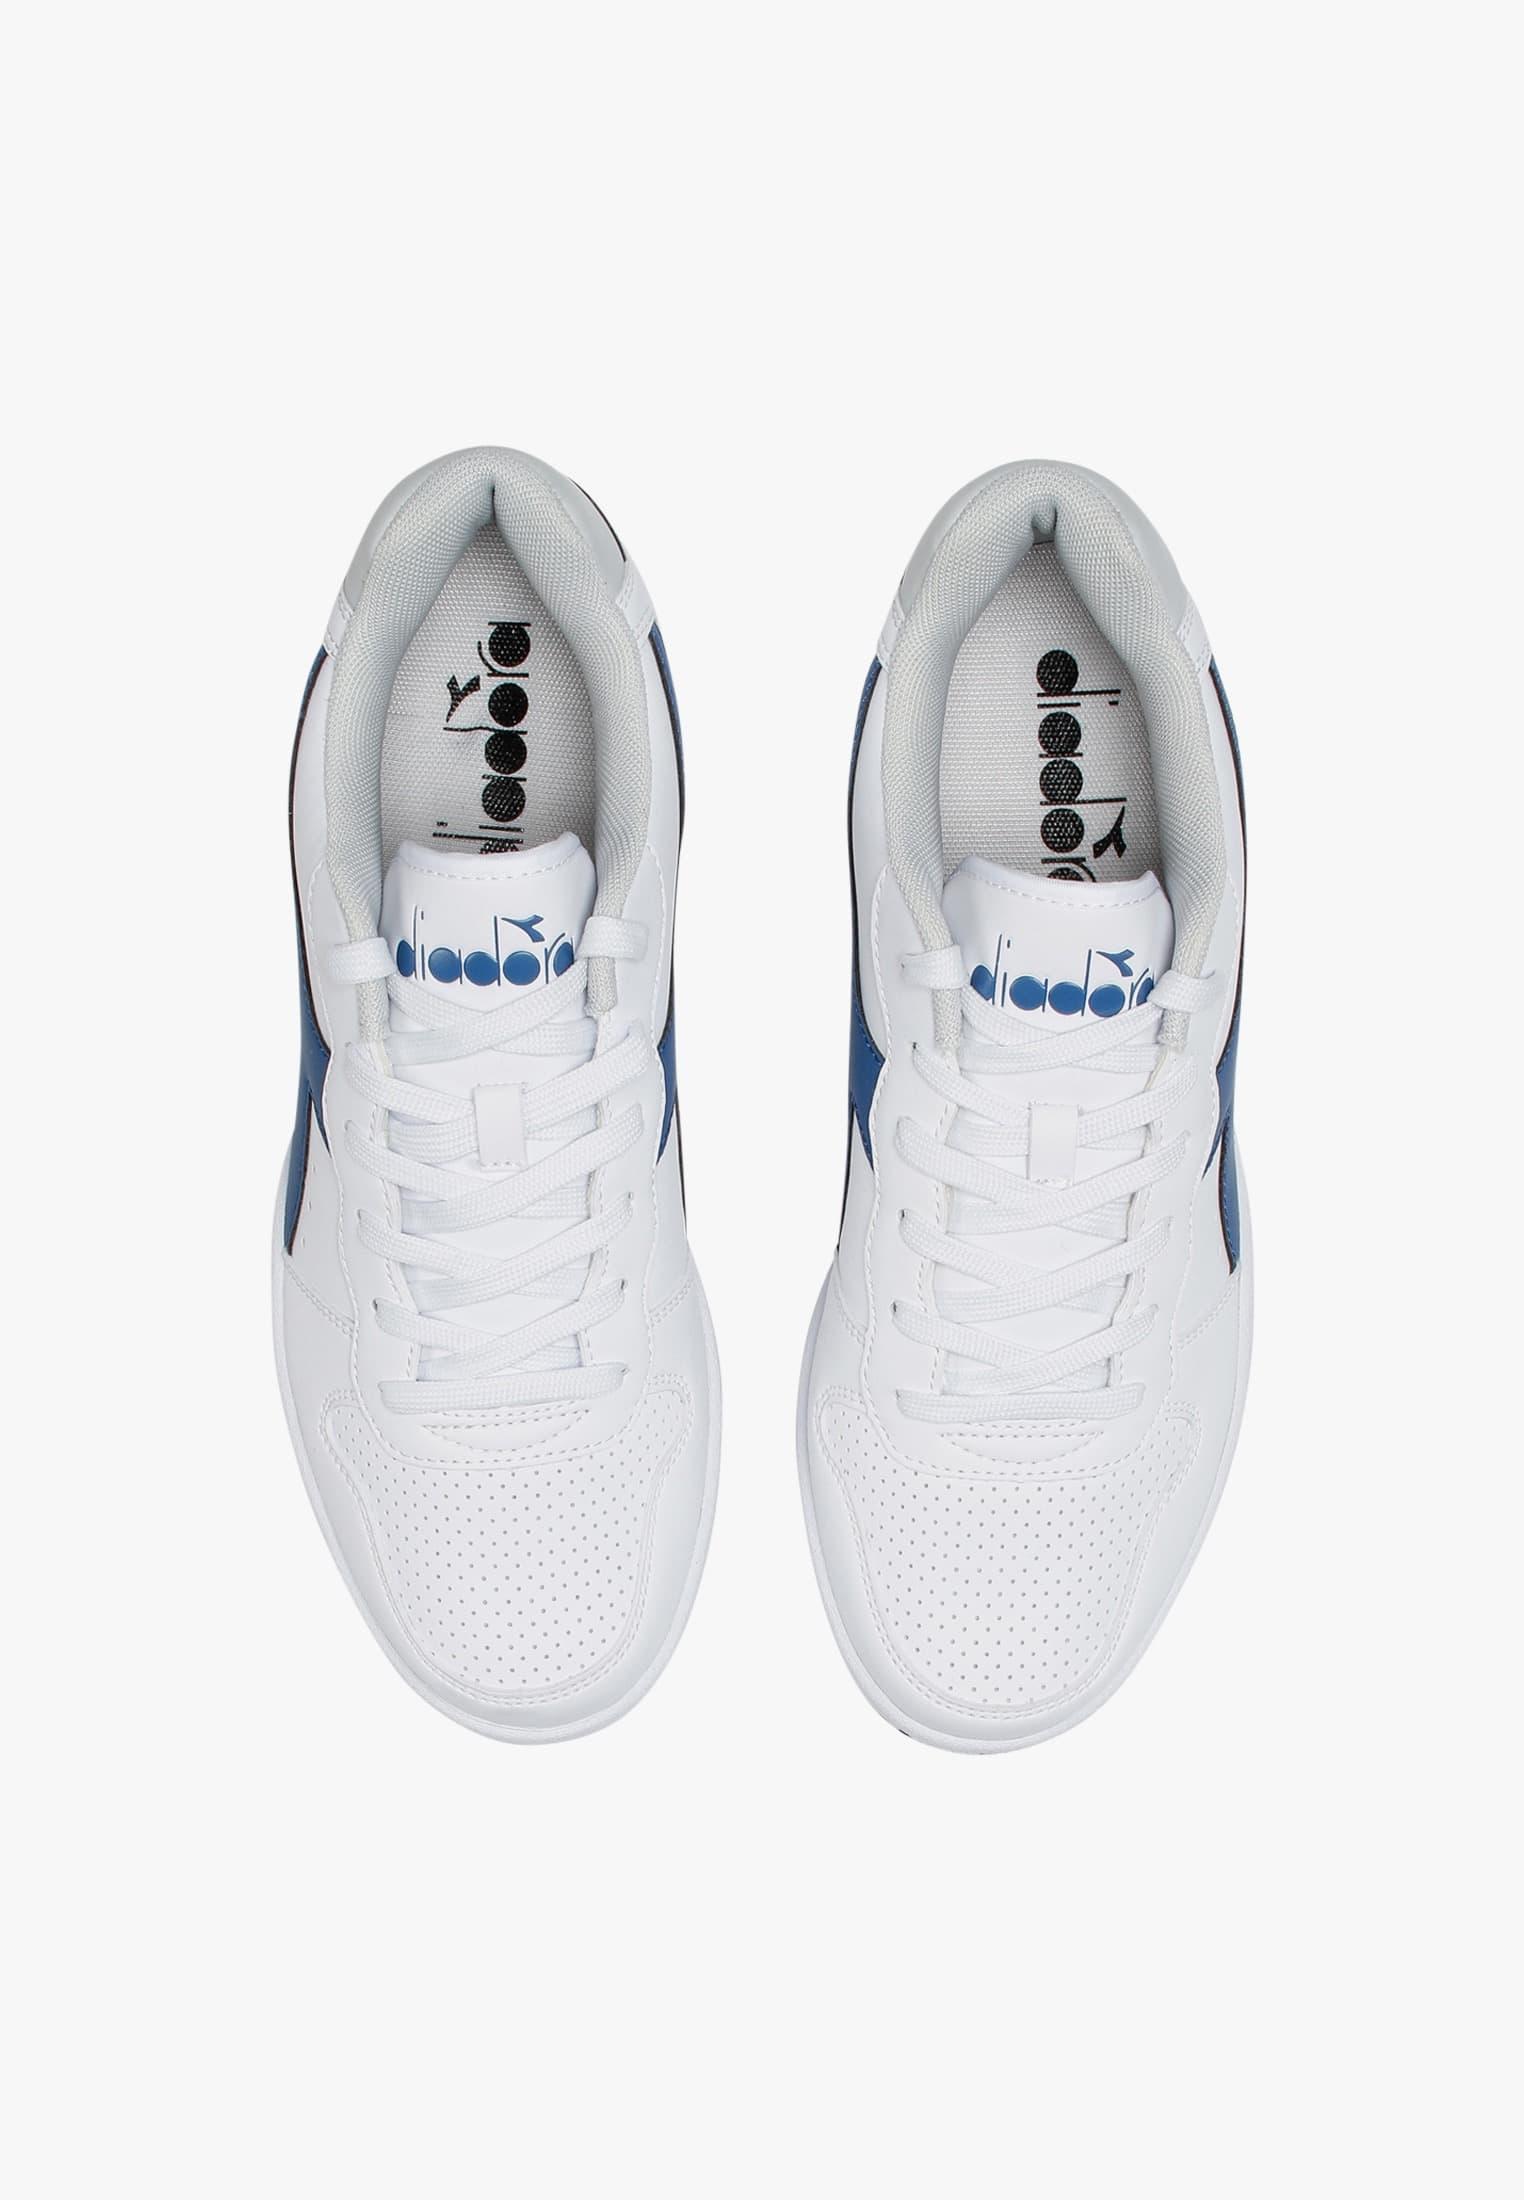 Scarpe-Diadora-Playground-Sneakers-sportive-uomo-donna-vari-colori-piu-taglie miniatura 67